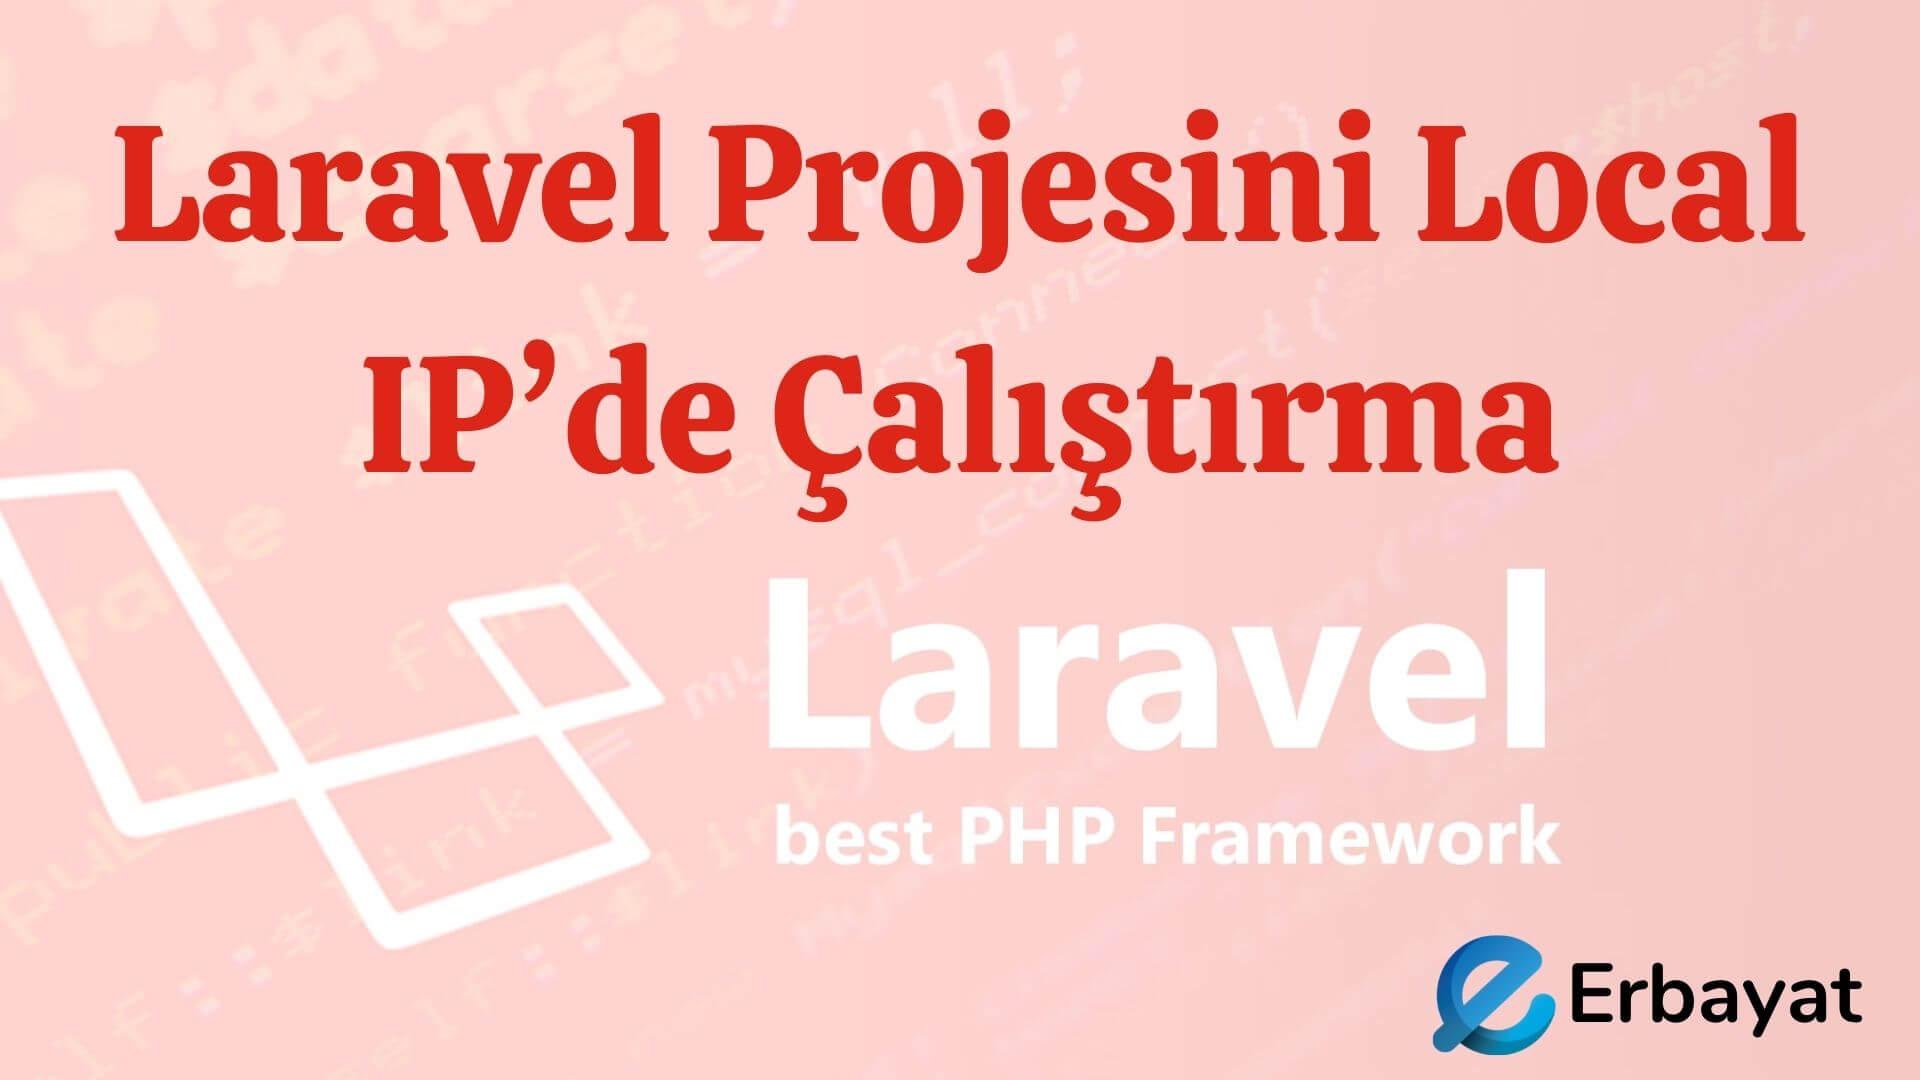 Laravel Projesini Local IP'de Çalıştırma